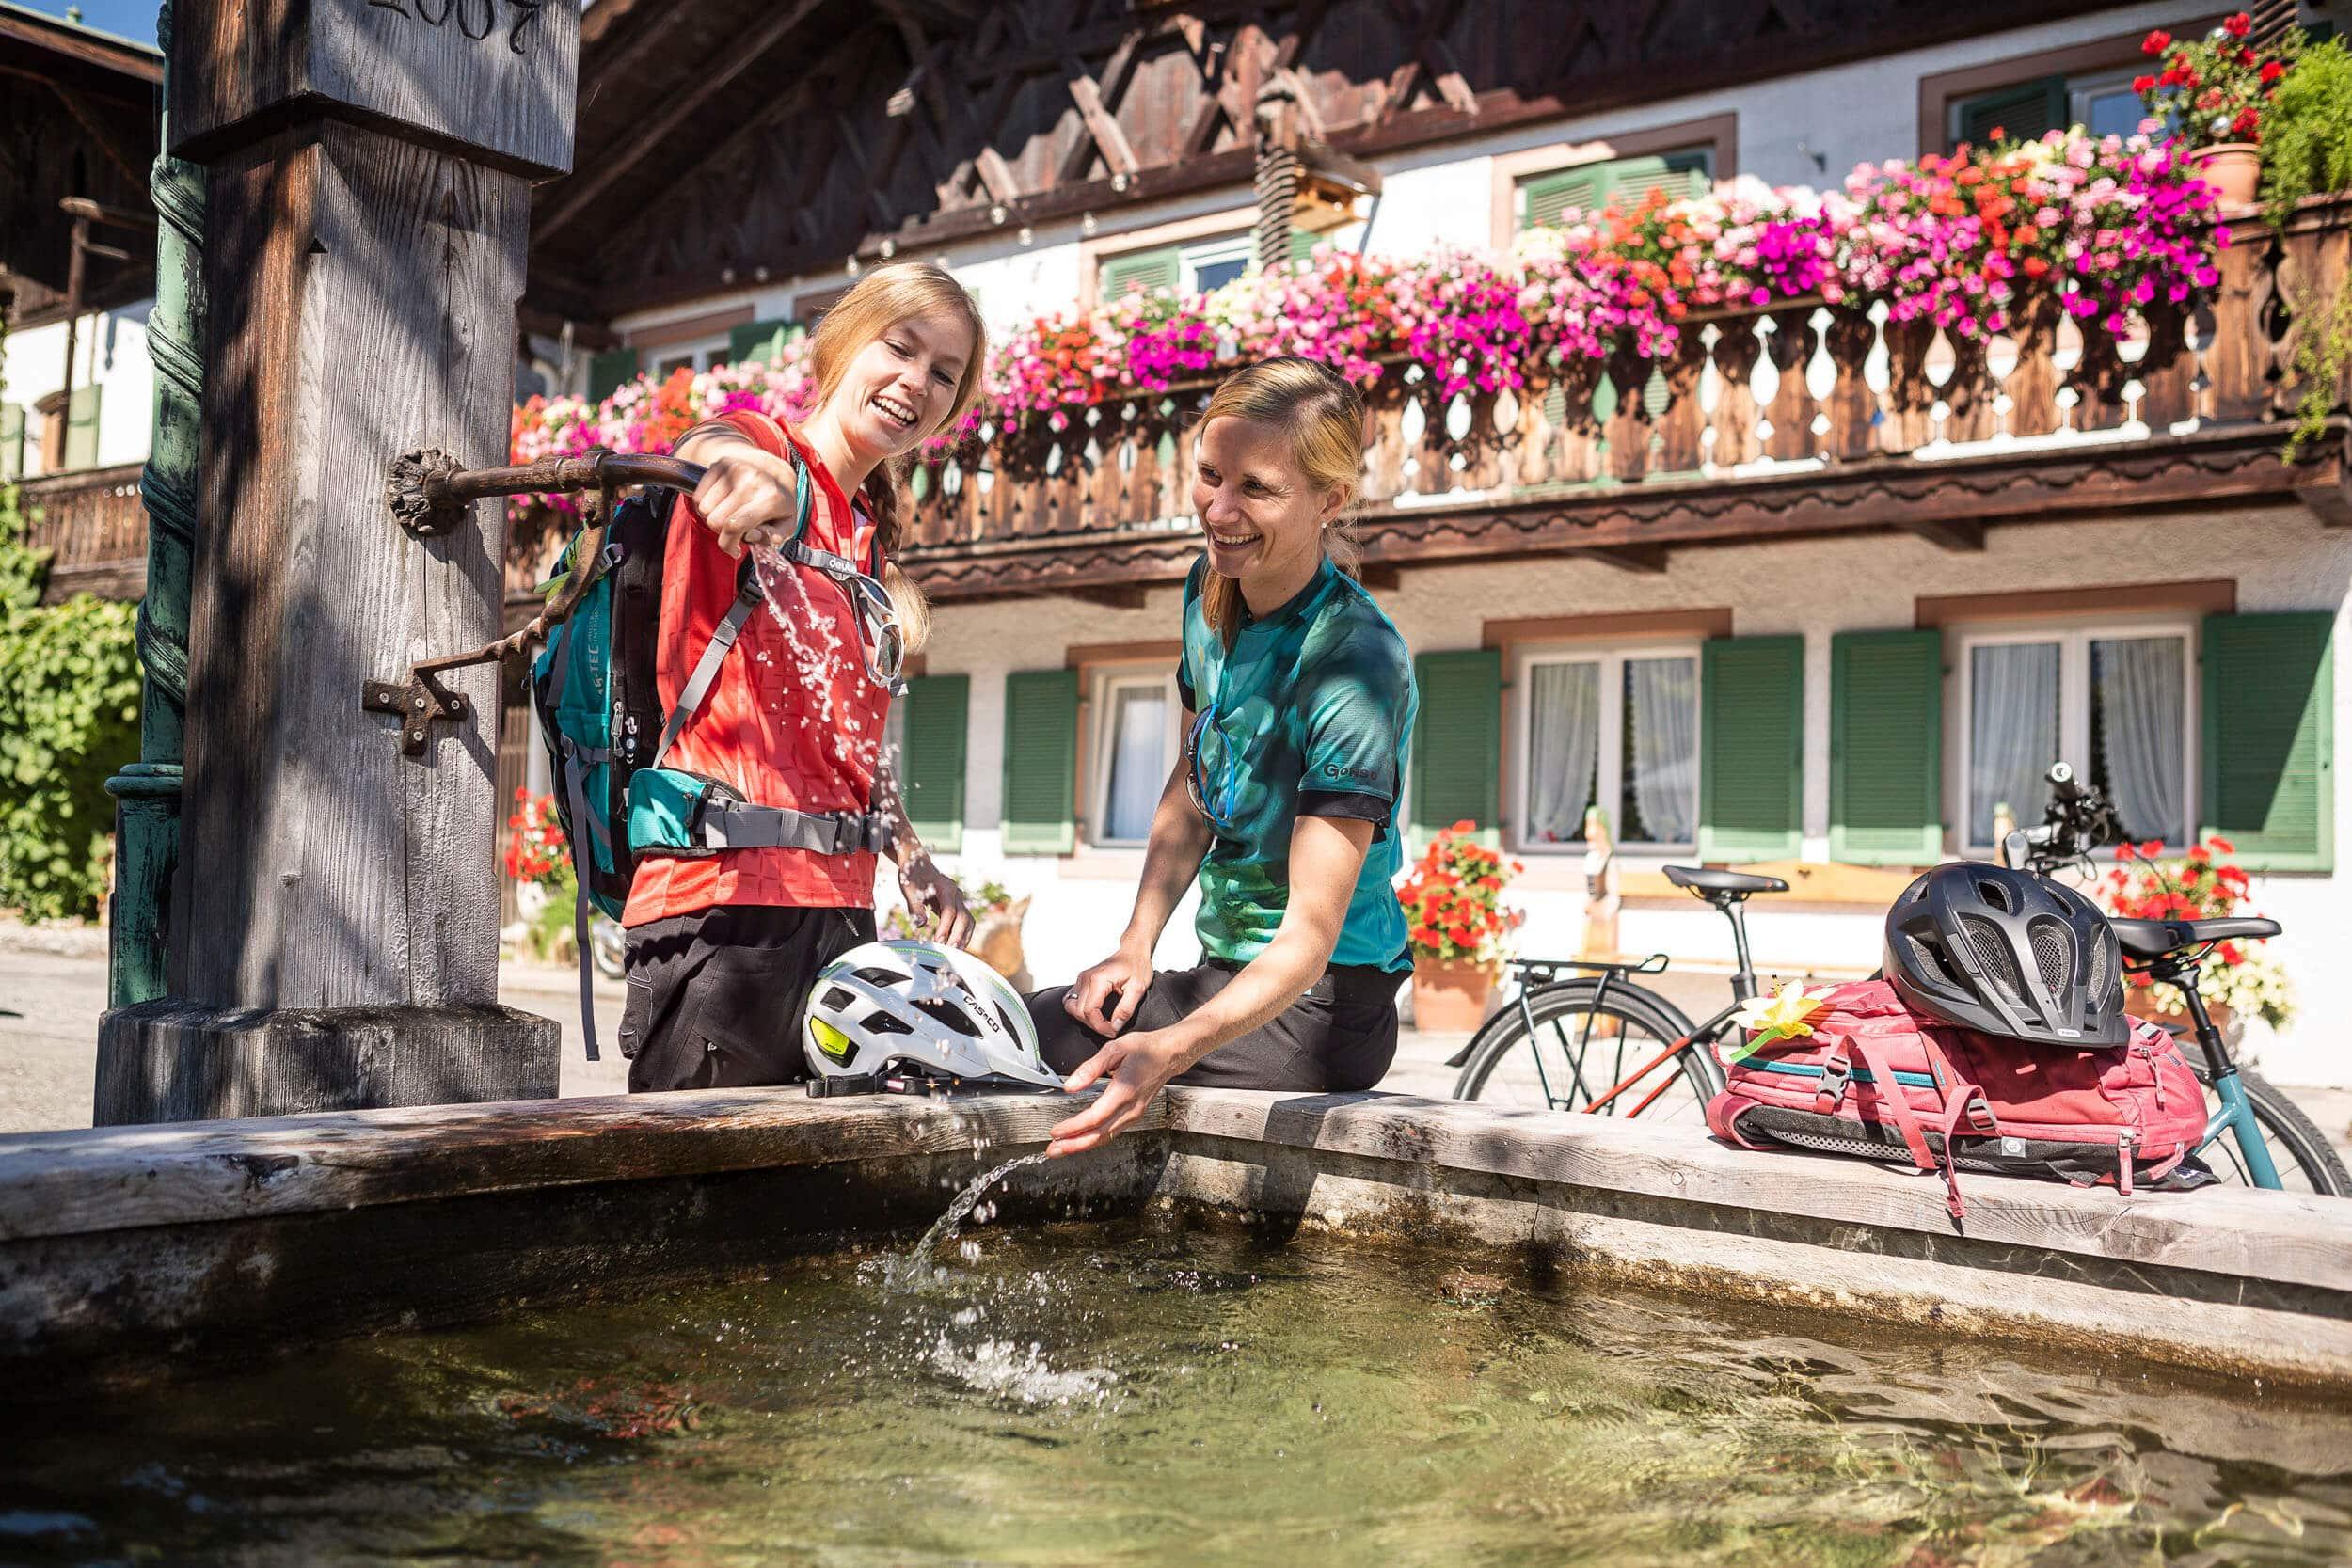 Pause der Radfahrer am Brunnen © Velontour